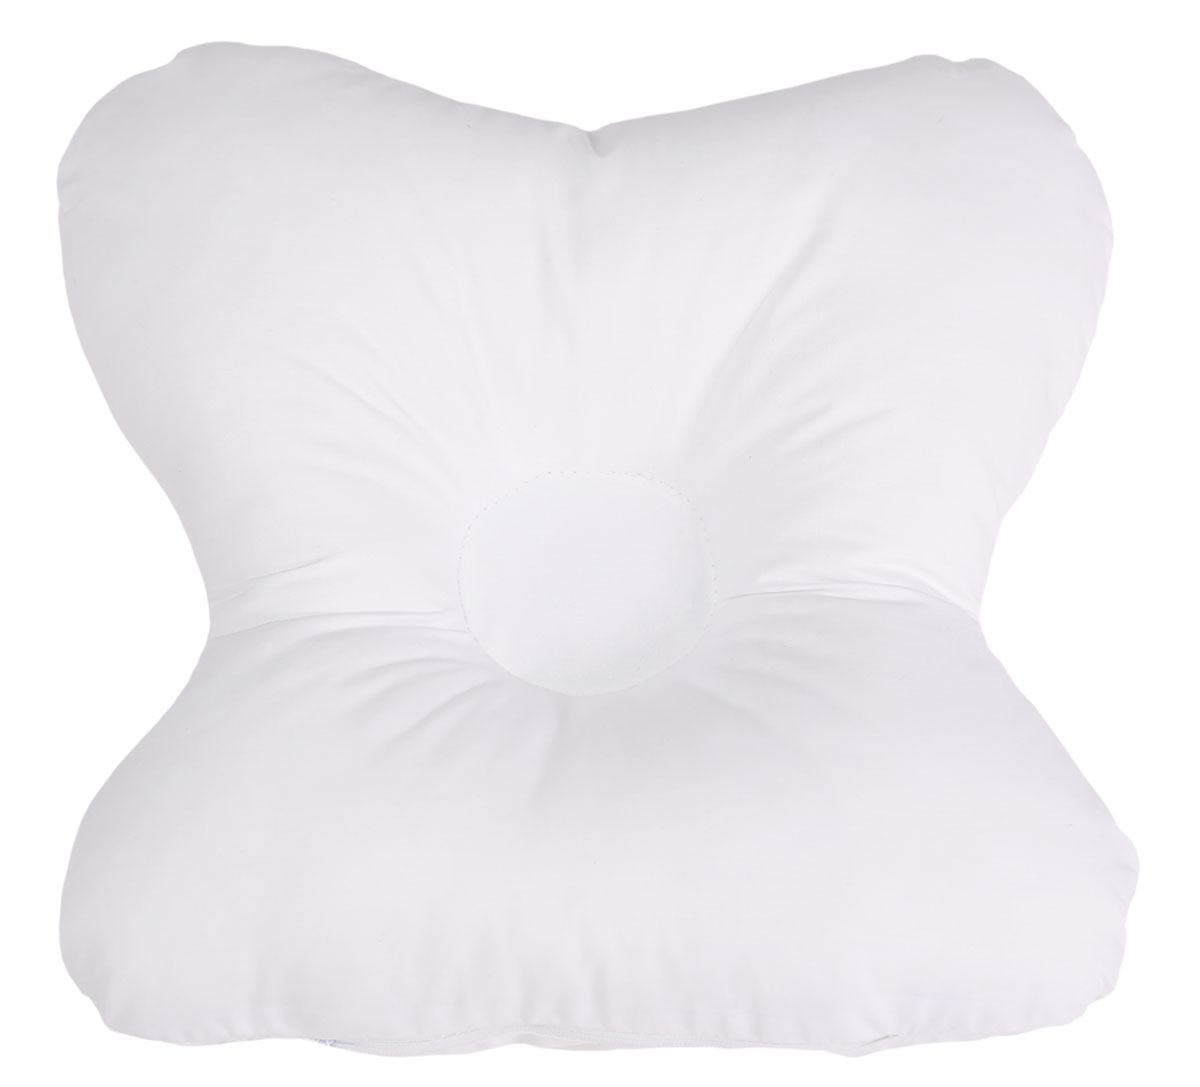 Bio-Textiles Подушка детская Малютка наполнитель лузга гречихи цвет белый 27 х 24 см M070 детские покрывала подушки одеяла revery детская подушка mediflex kids мурзилка от 24 месяцев